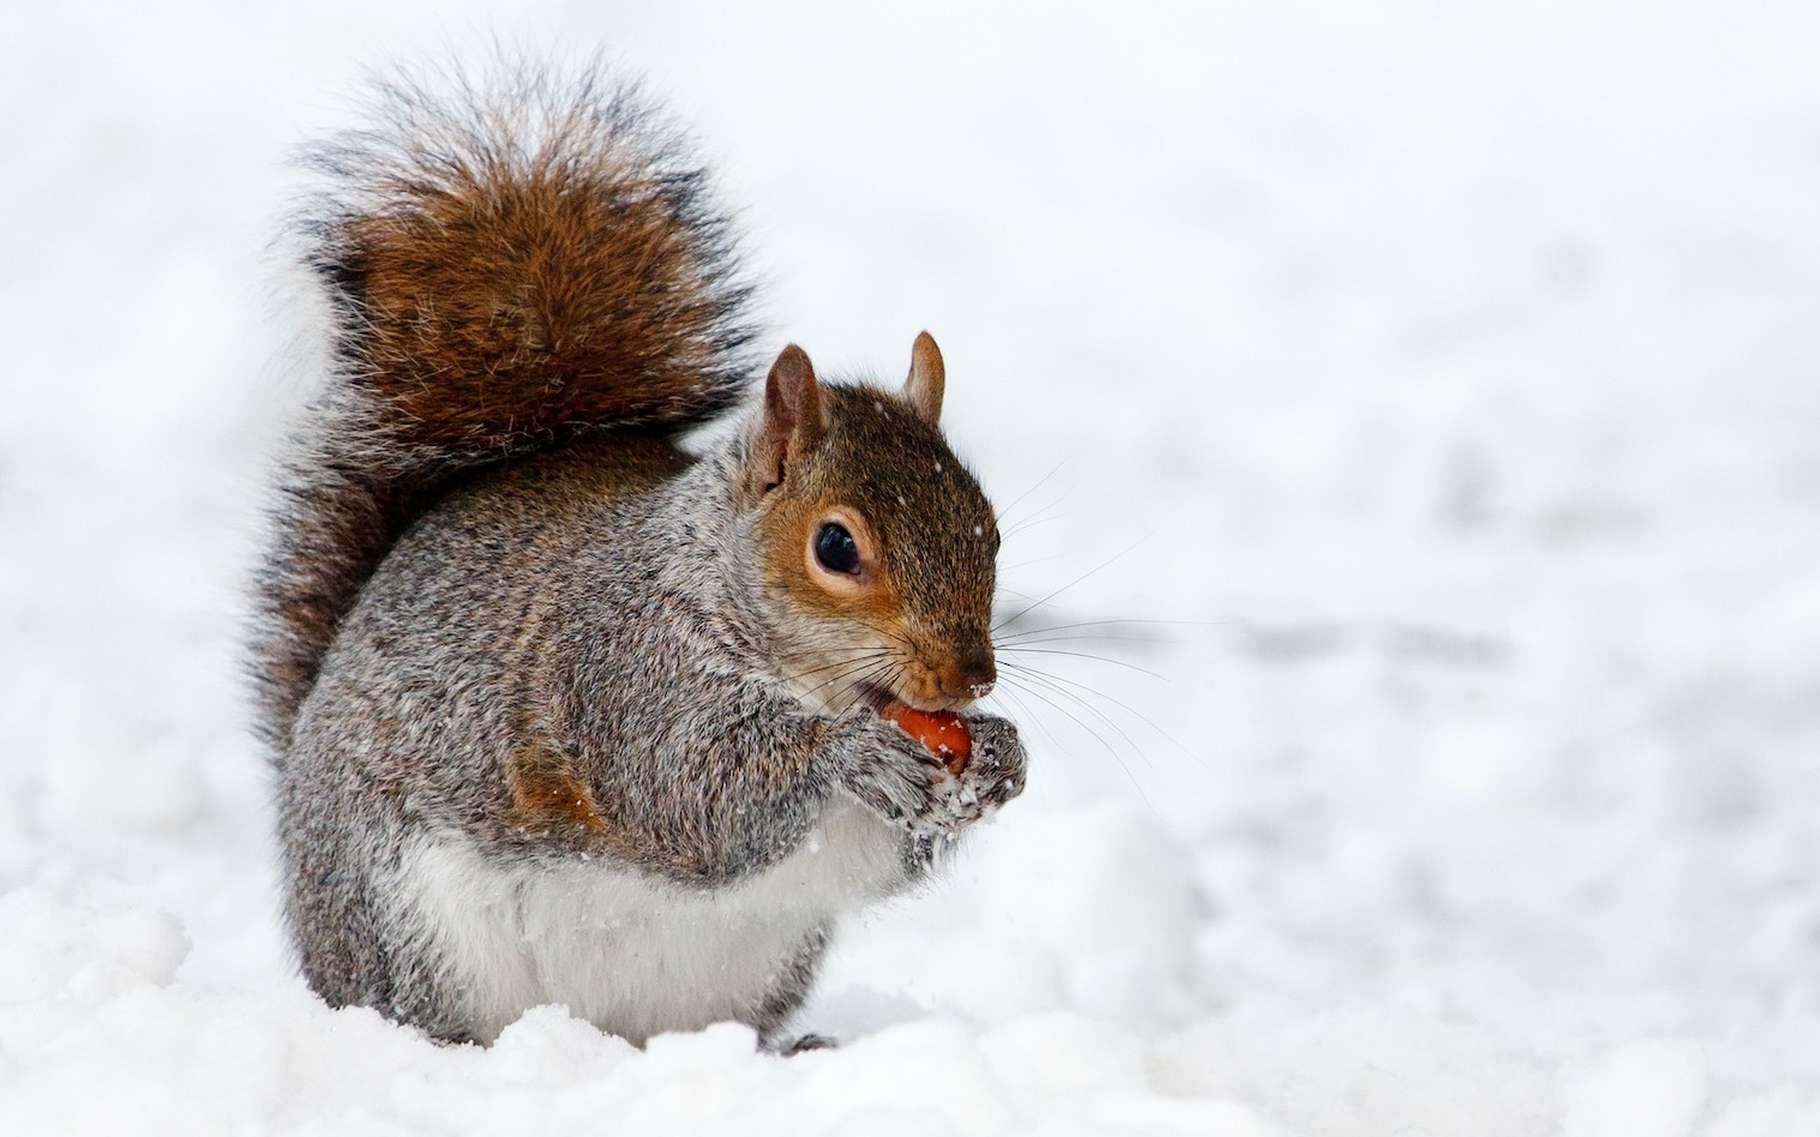 Lorsque les températures descendent, les animaux sauvages mobilisent différentes stratégies pour survire au froid. © PublicDomainPictures, Pixabay, CC0 Creative Commons